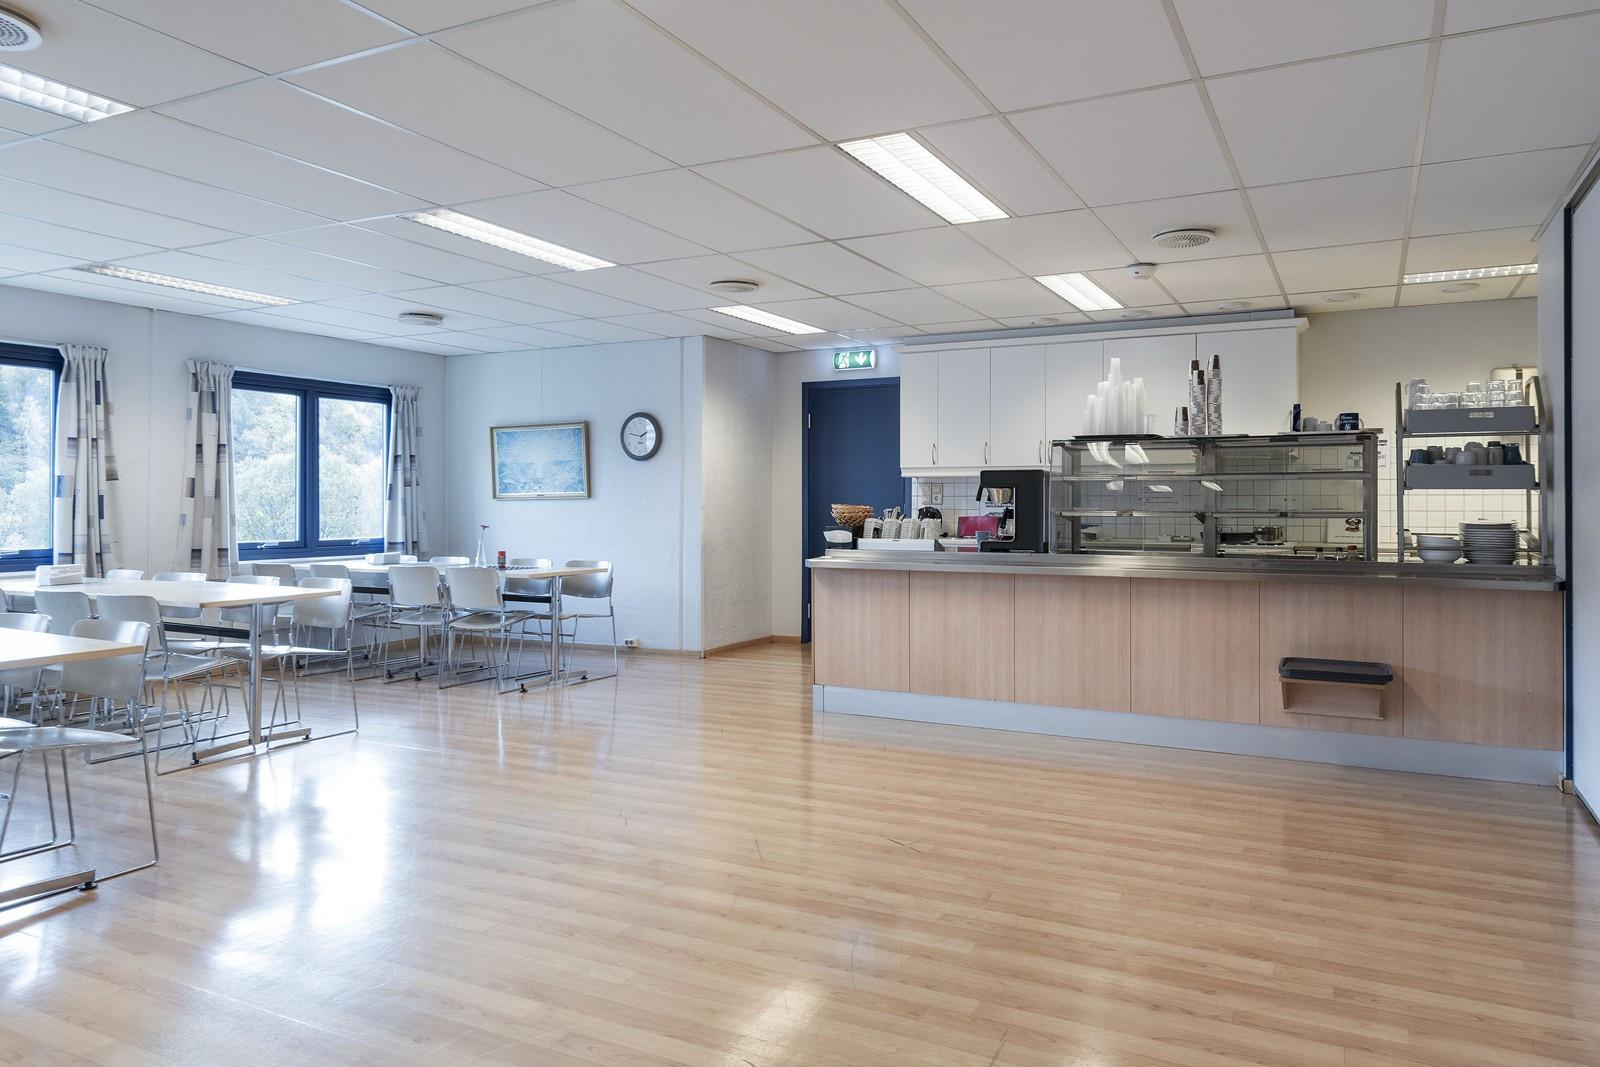 Kontor - Spiserom/kjøkken/kantine